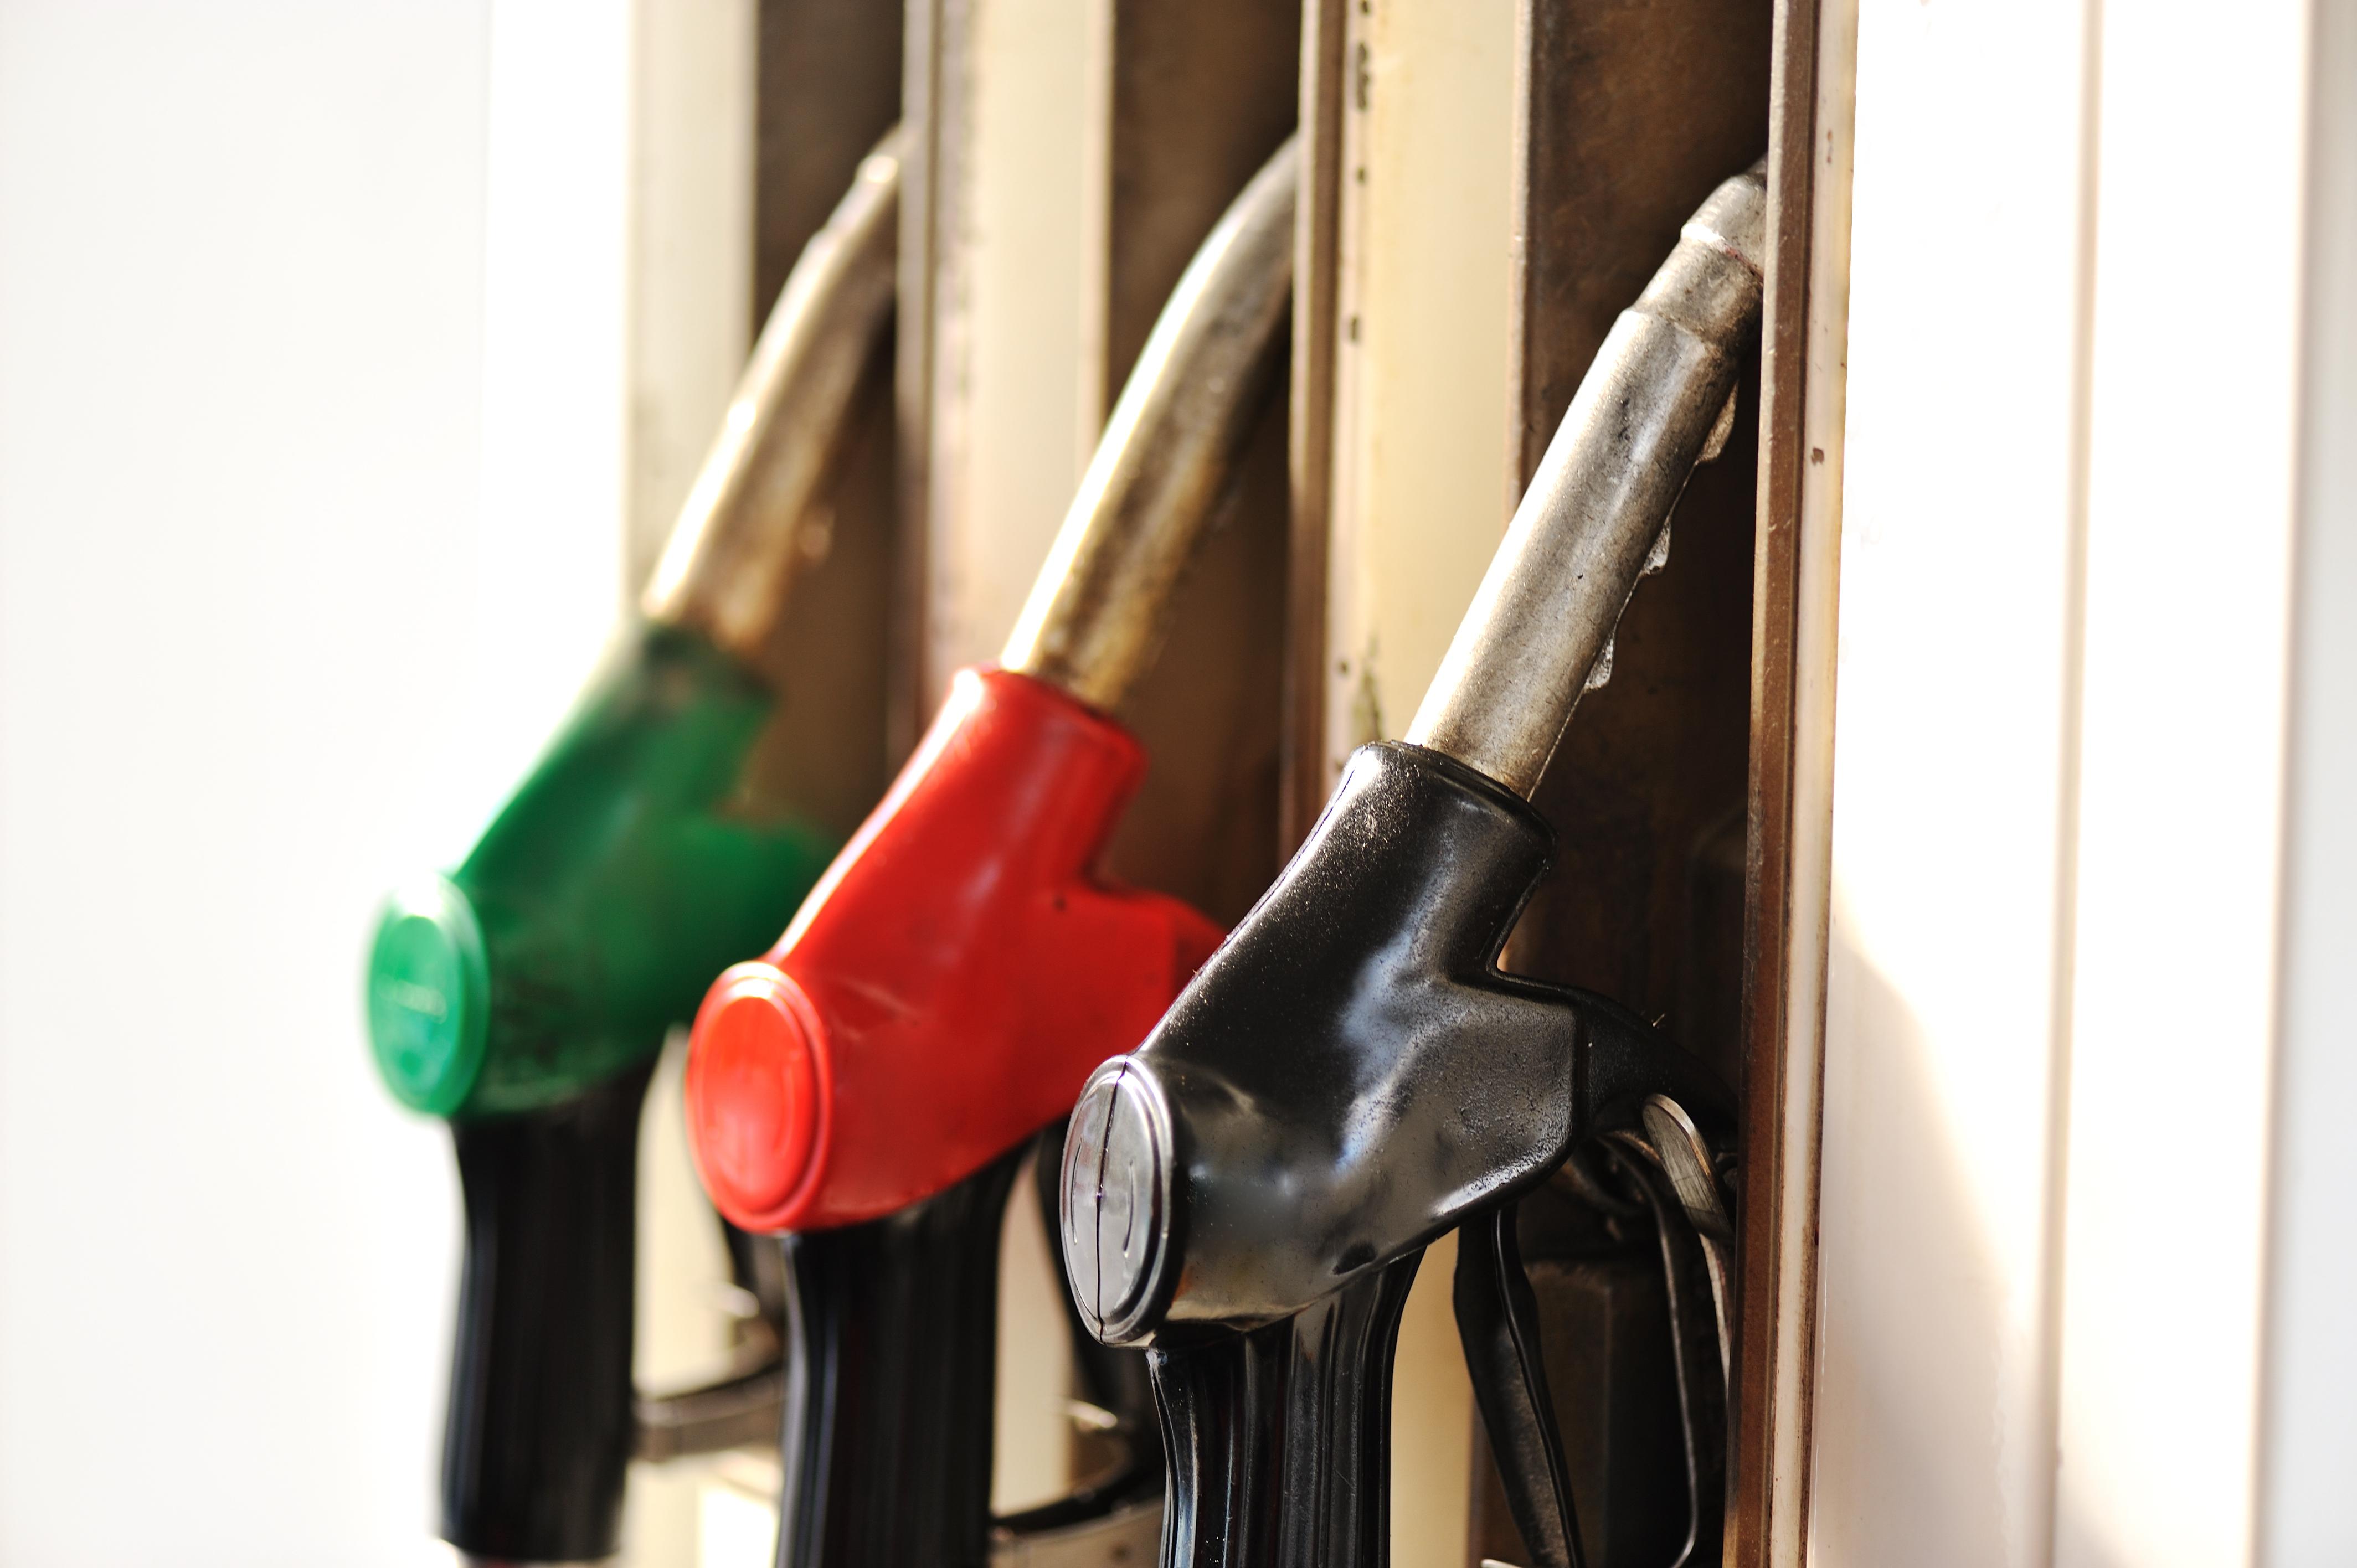 صورة الهاكرز يسرقون اكثر من 2000 لتر من البنزين